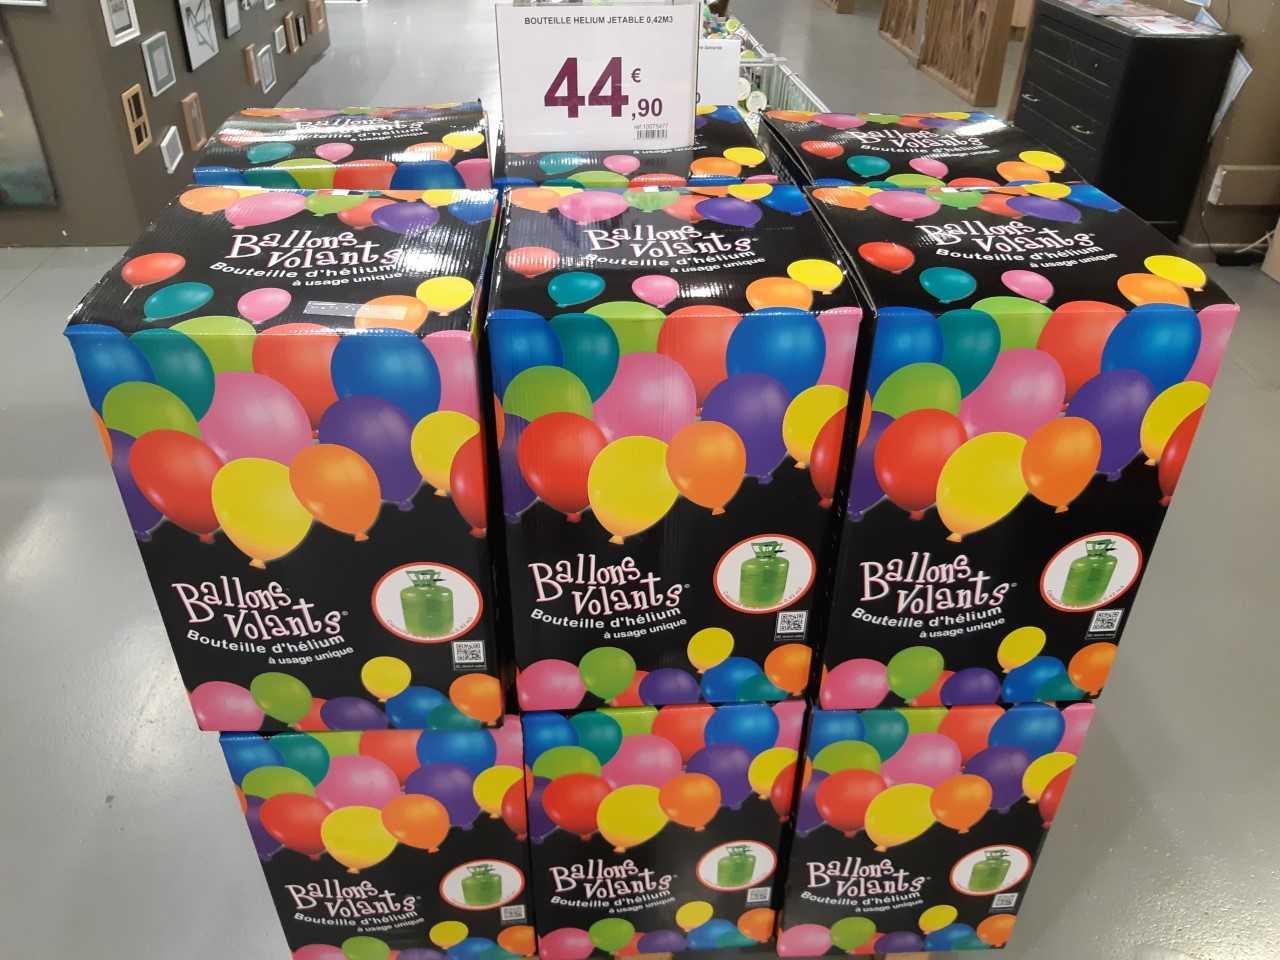 Bouteille d'hélium pour ballons volants